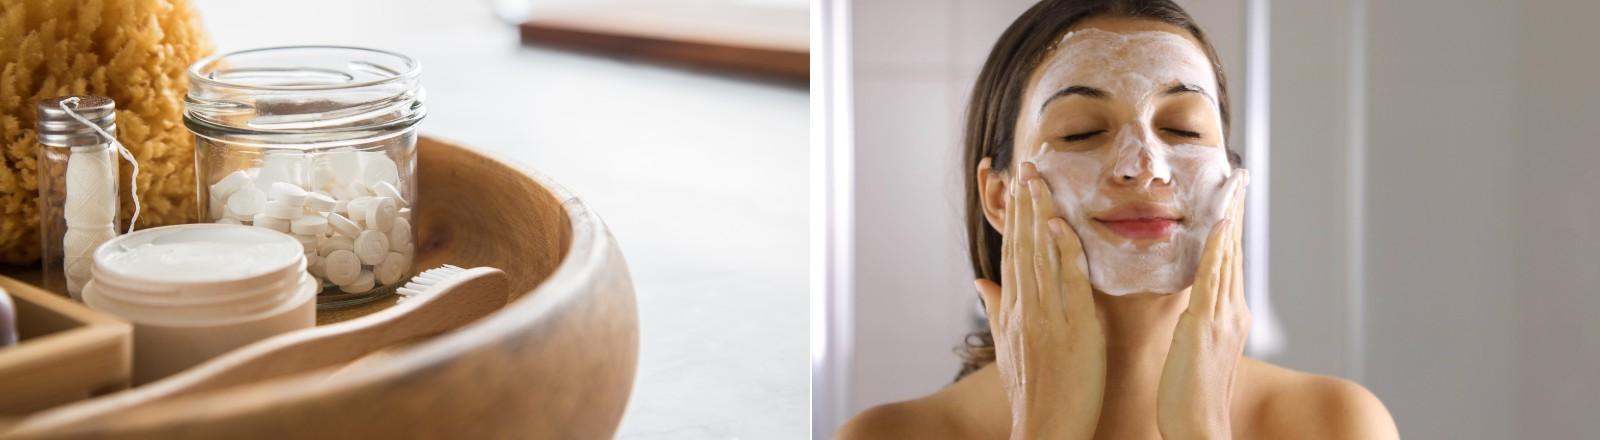 Eine Schale mit Creme, einem Schwamm, Zahnbürste und Natron-Tabletten. Auf einem zweiten Bild cremt sich eine Frau das Gesicht mit einer Maske ein.